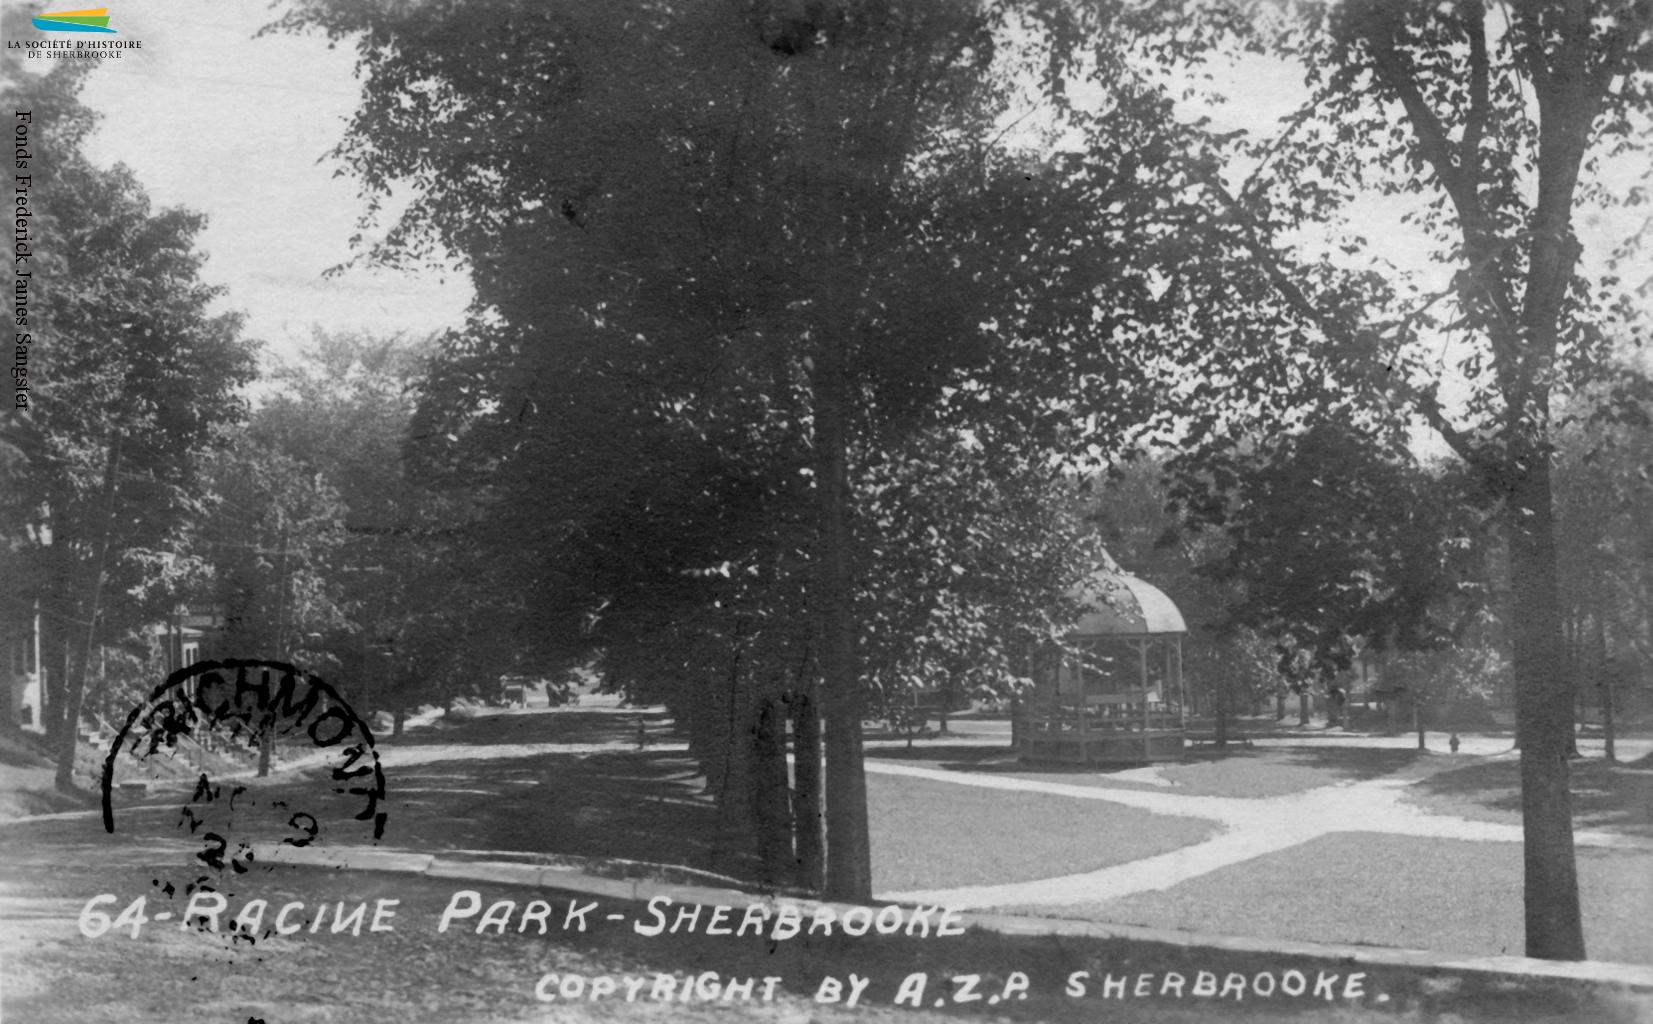 Une vue du parc Antoine-Racine, situé au coin des rues Brooks, Gillepsie et Ball, vers 1922. Le parc est créé en 1891 à la demande de citoyens, qui réclament un espace vert pour le quartier sud surpeuplé. Il porte le nom du premier évêque de Sherbrooke.